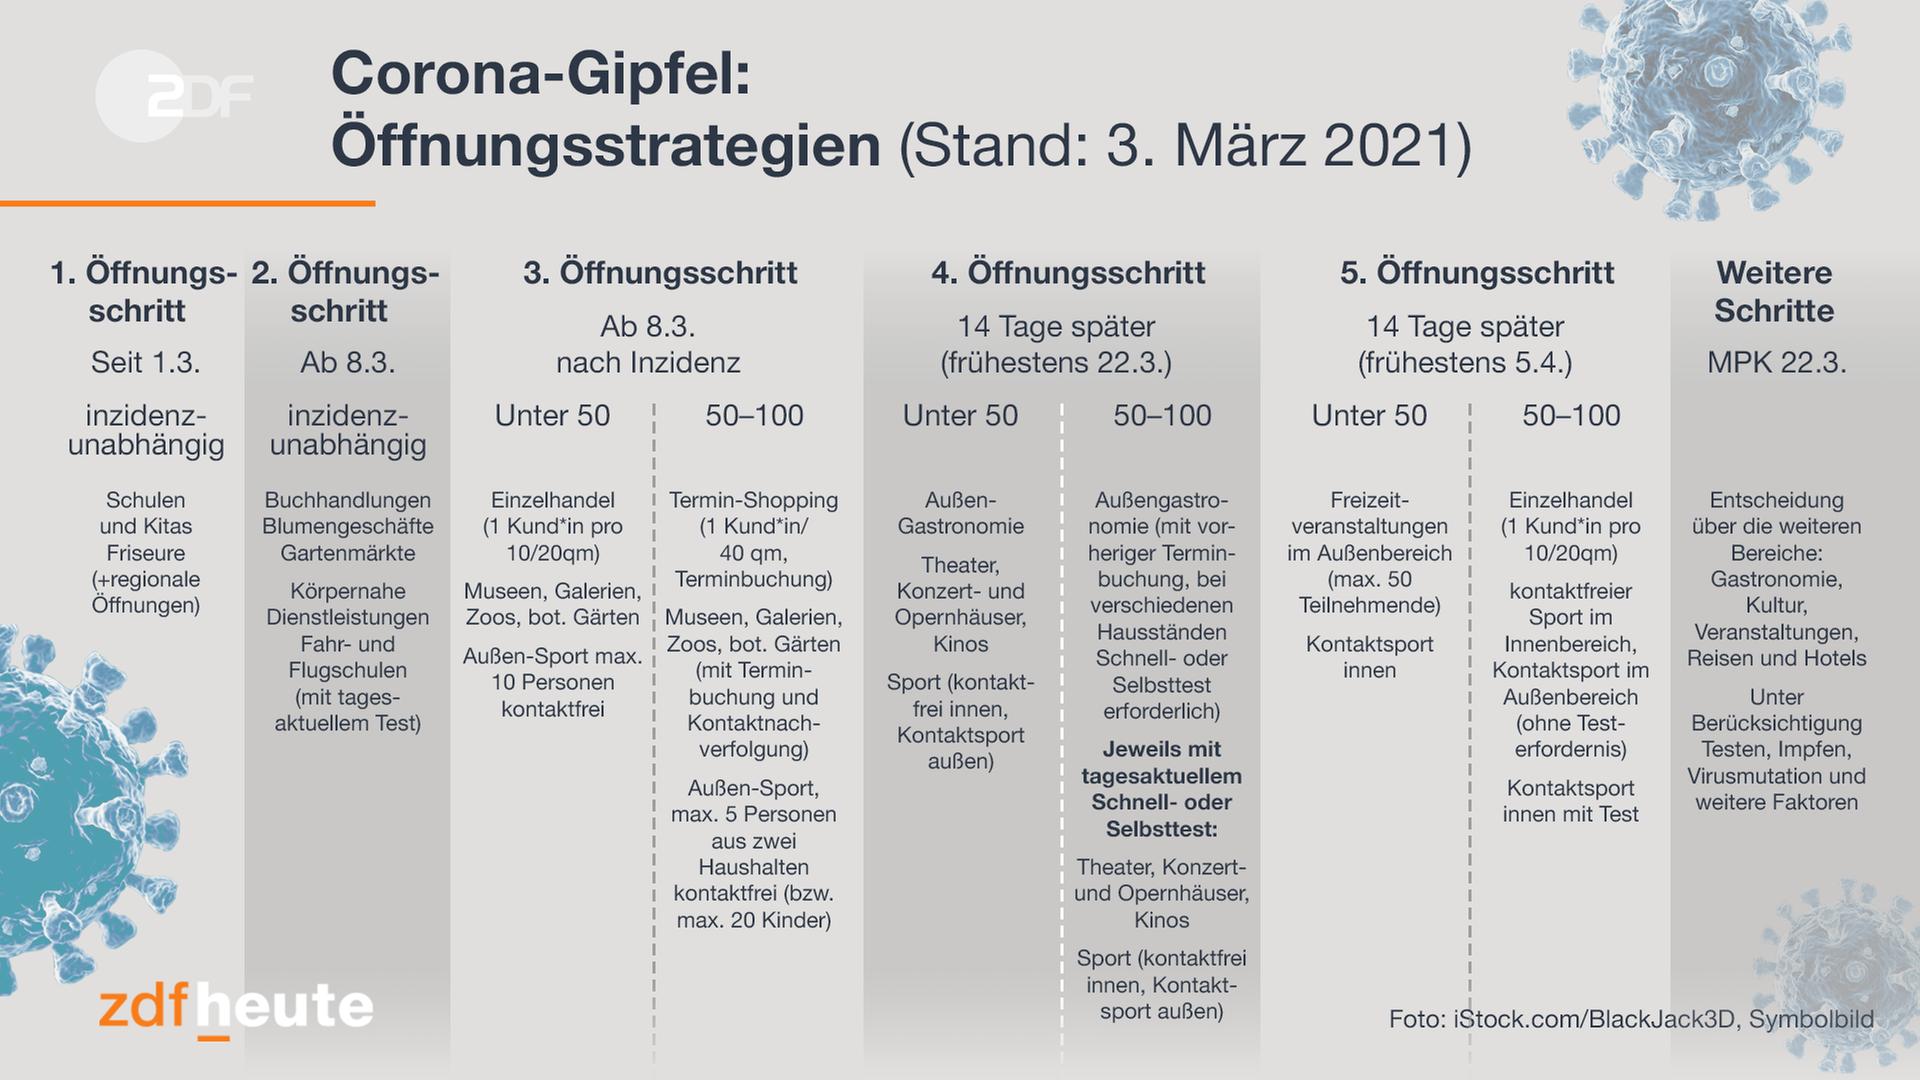 Das Bild zeigt die von Bund und Ländern beschlossenen Corona-Öffnungsschritte.